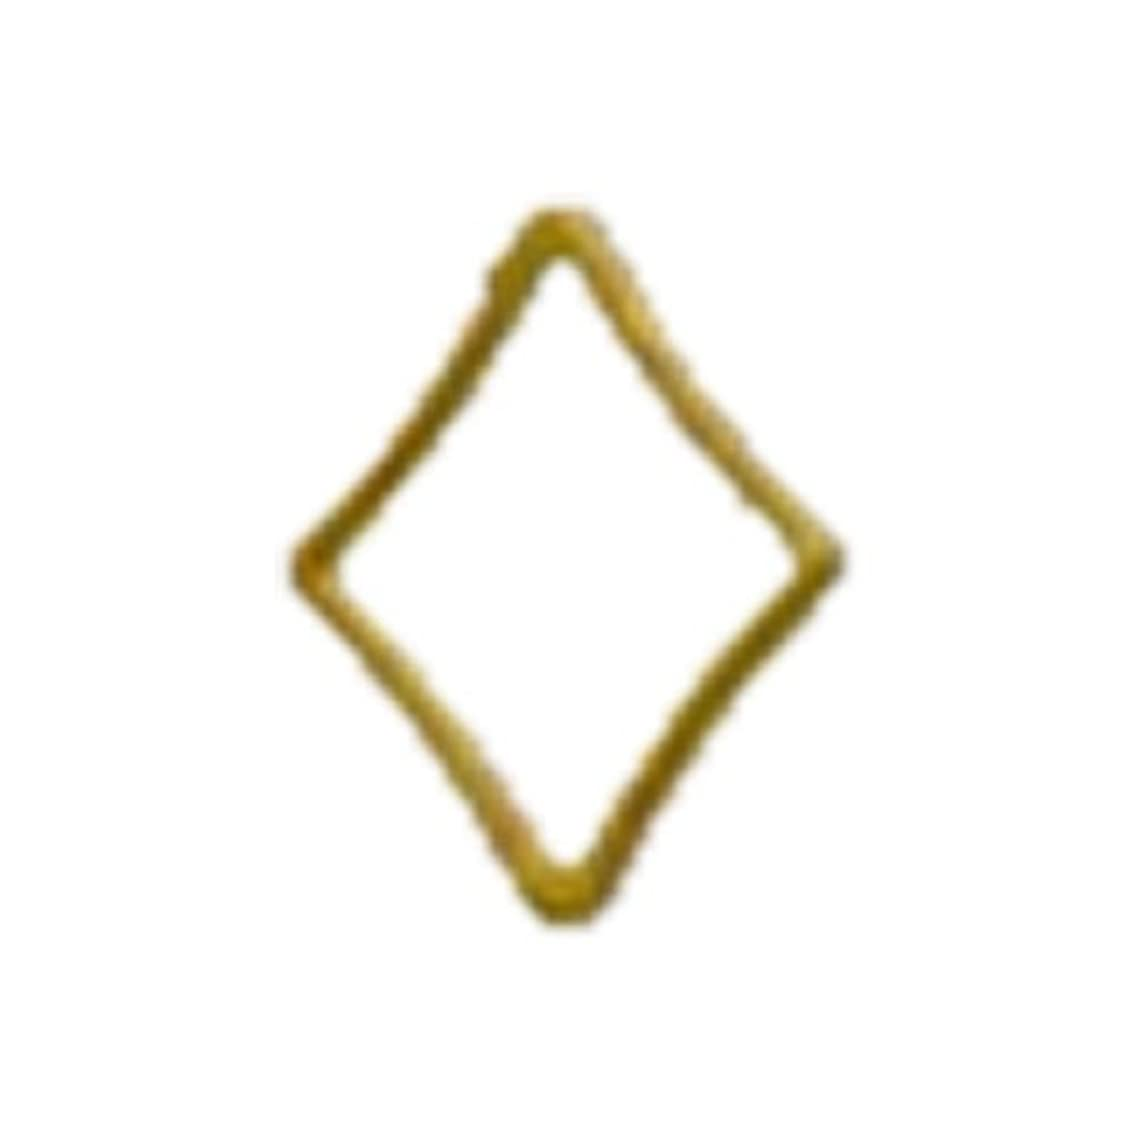 宿泊工業用価値のないリトルプリティー ネイルアートパーツ キラキラ 3S ゴールド 20個